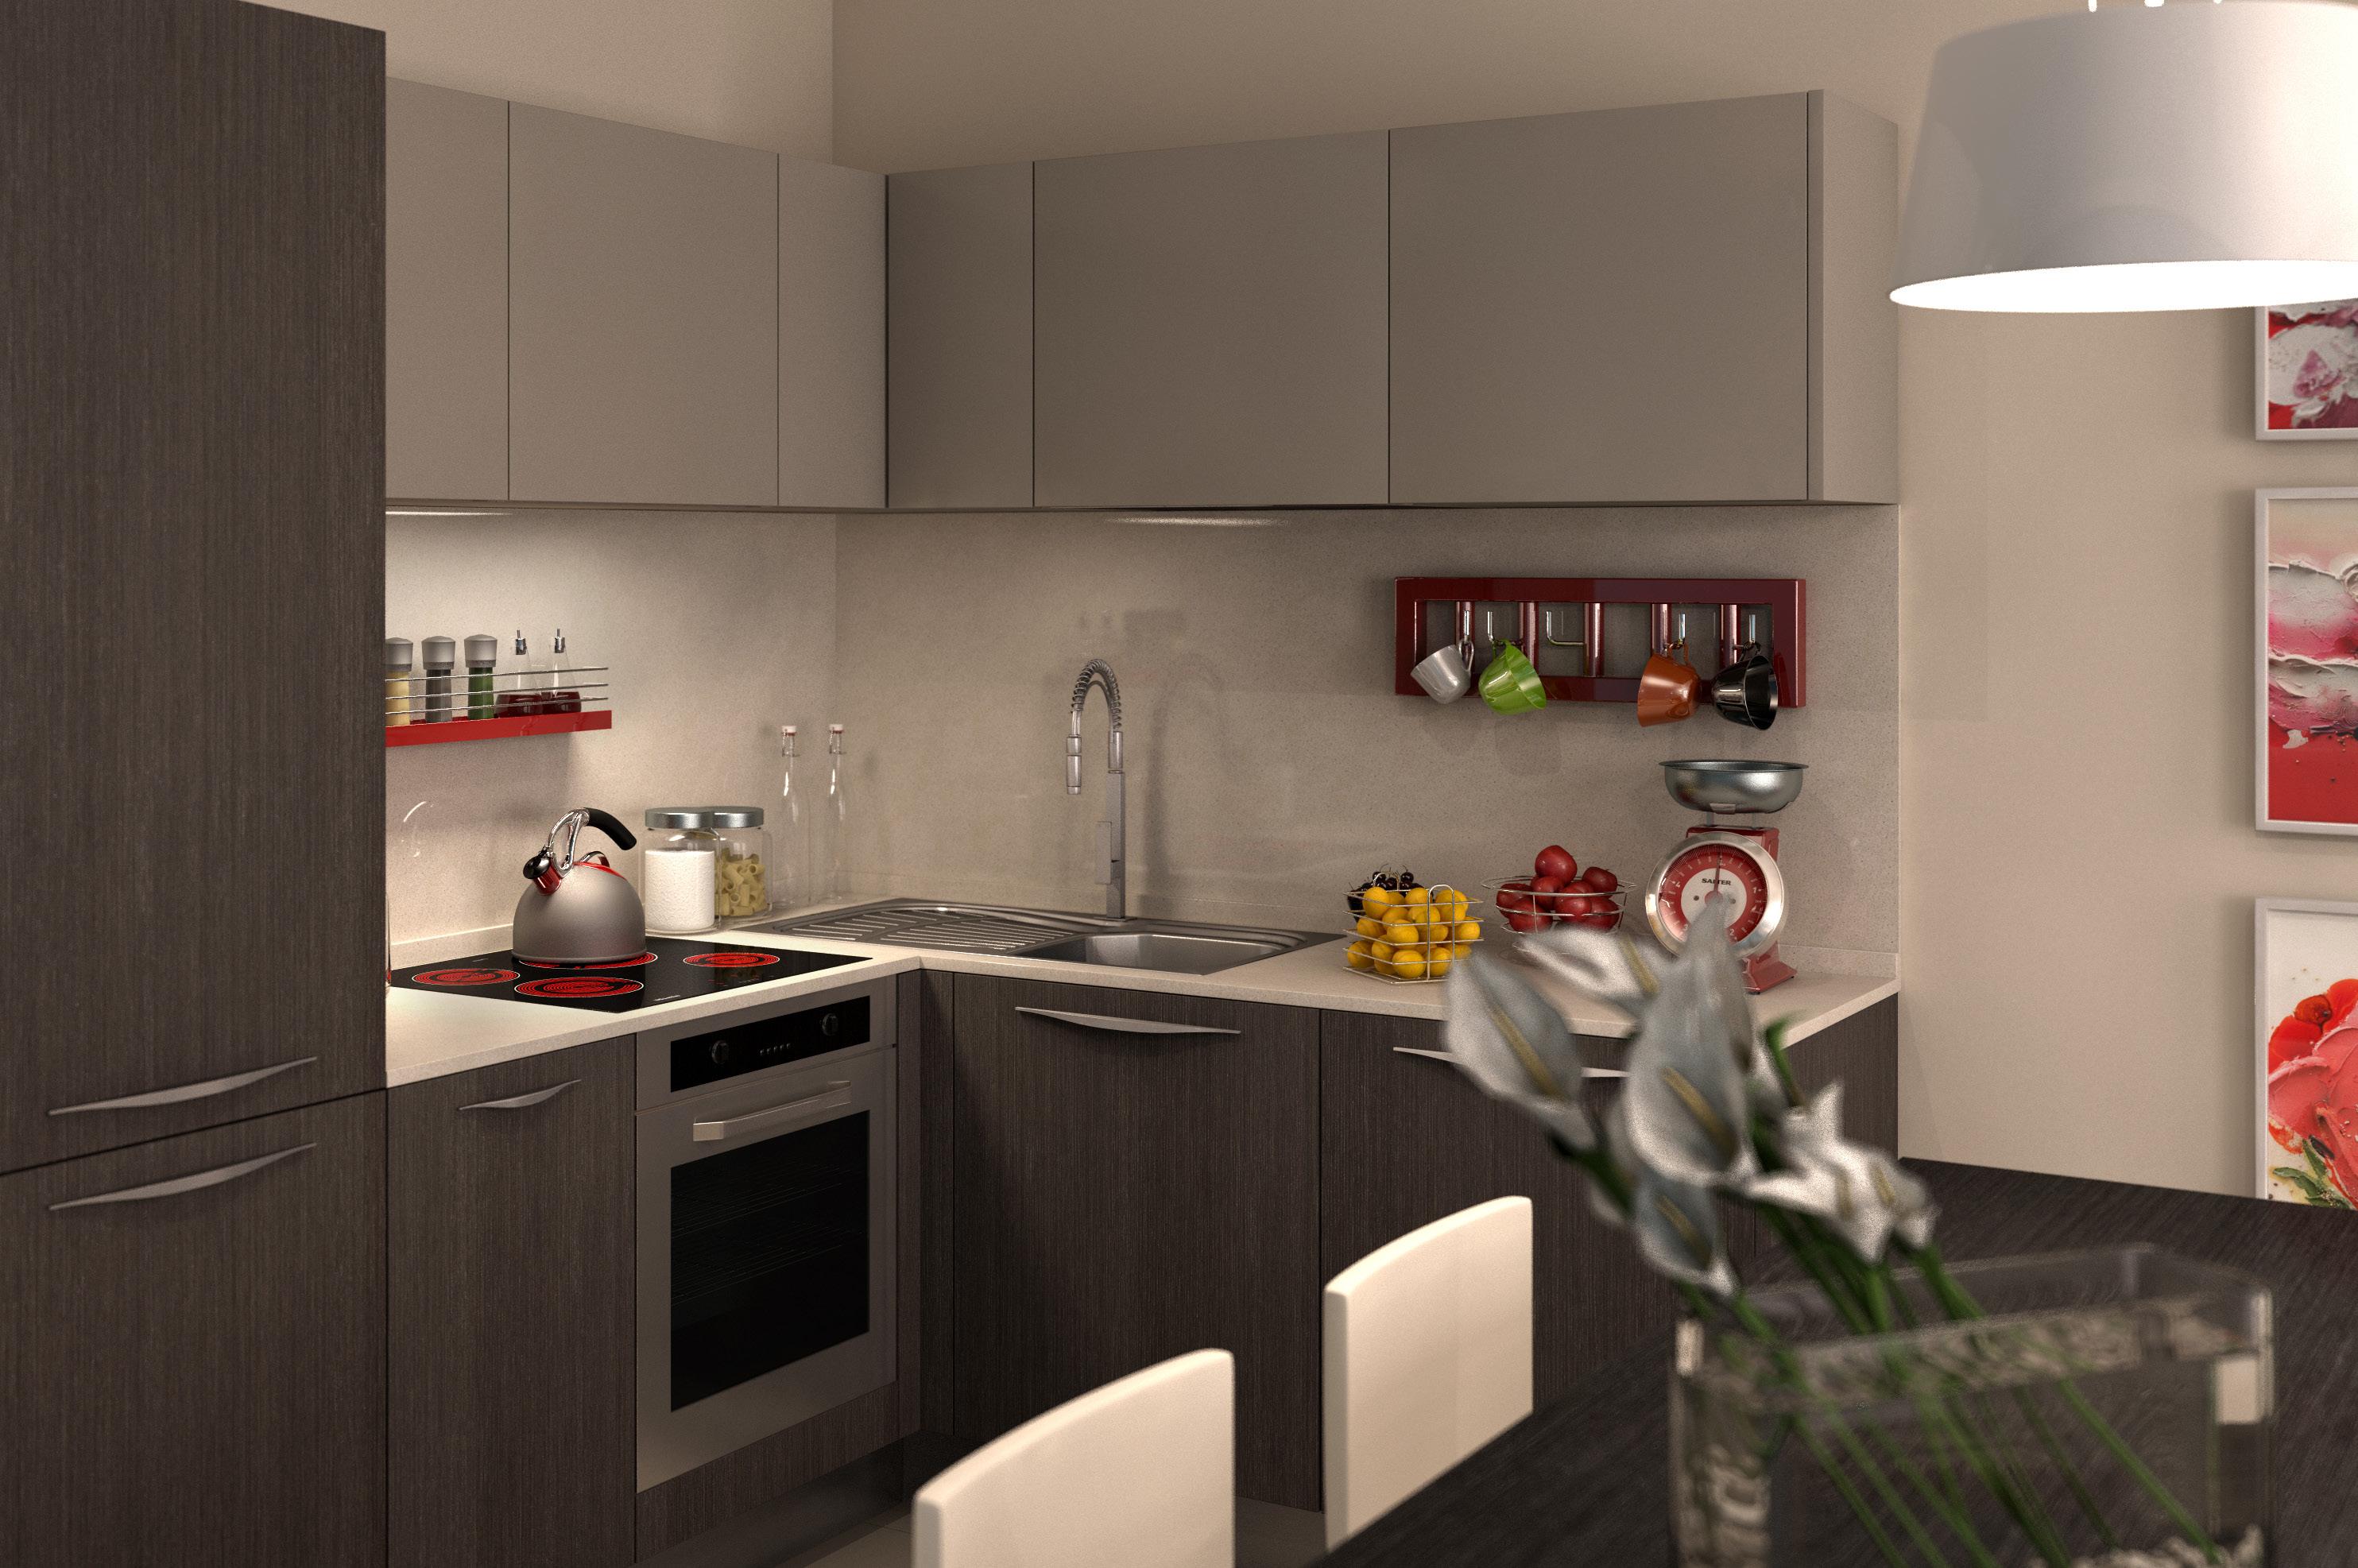 Scic cucine parma confortevole soggiorno nella casa - Cucine scic prezzi ...